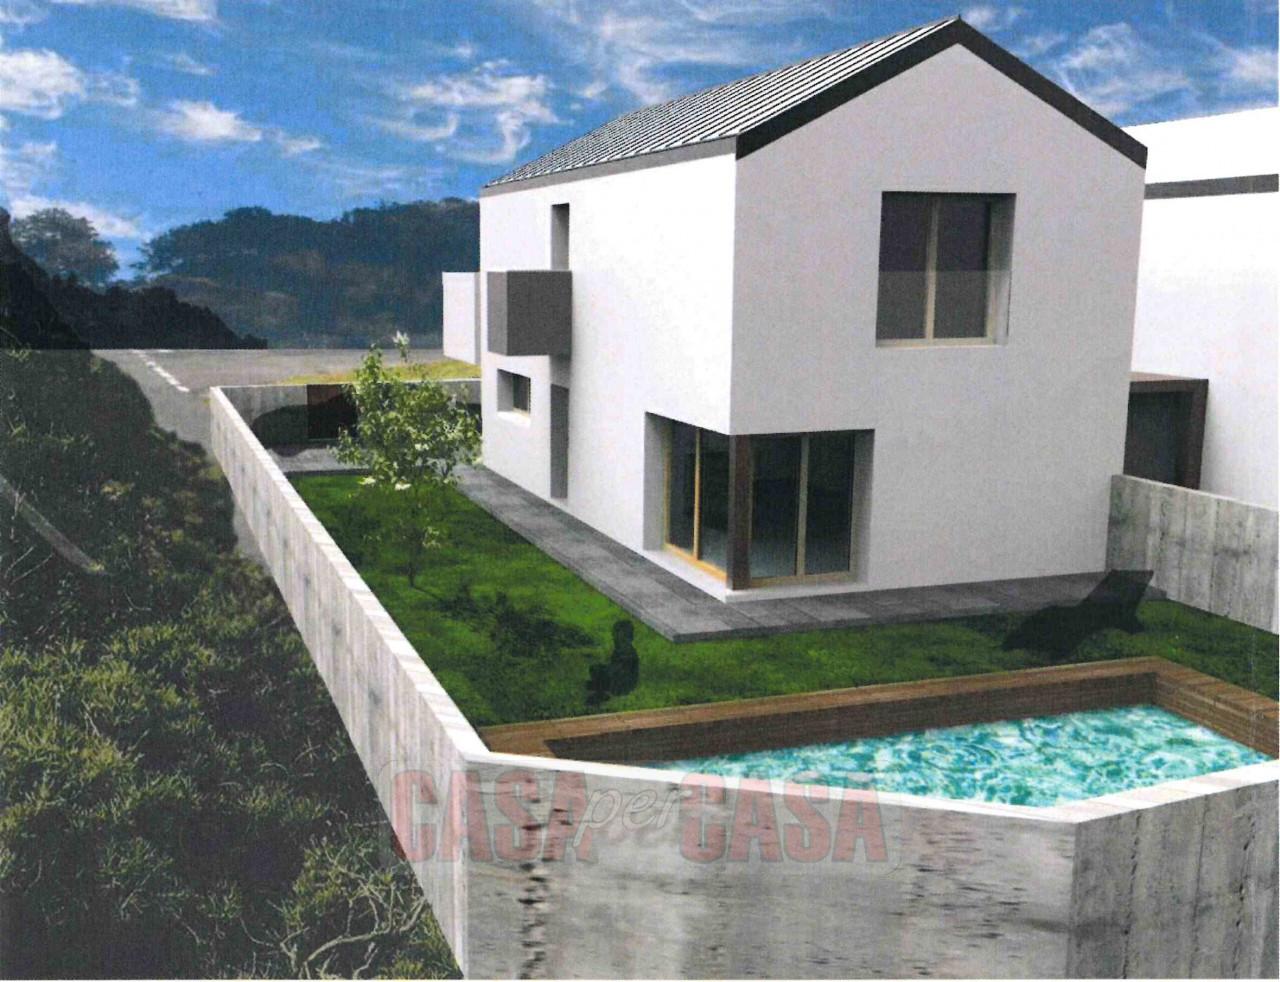 Splendida casa singola a Baone classe A4 in costruzione